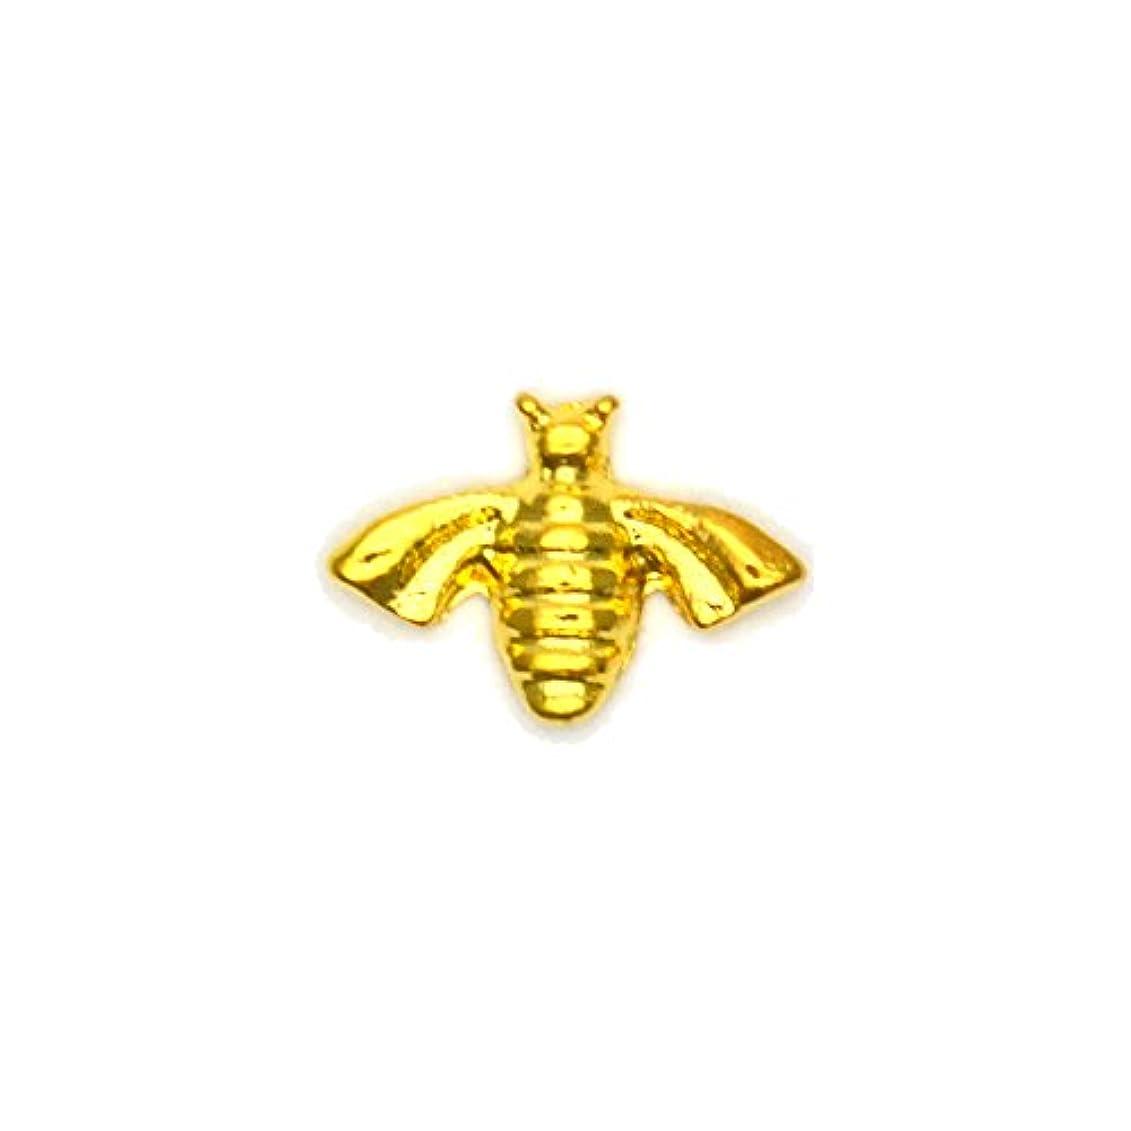 寄生虫スペイン語服を洗うメタルパーツ ミツバチパーツ ゴールド 4個入 蜂 ミツバチ ハニービー